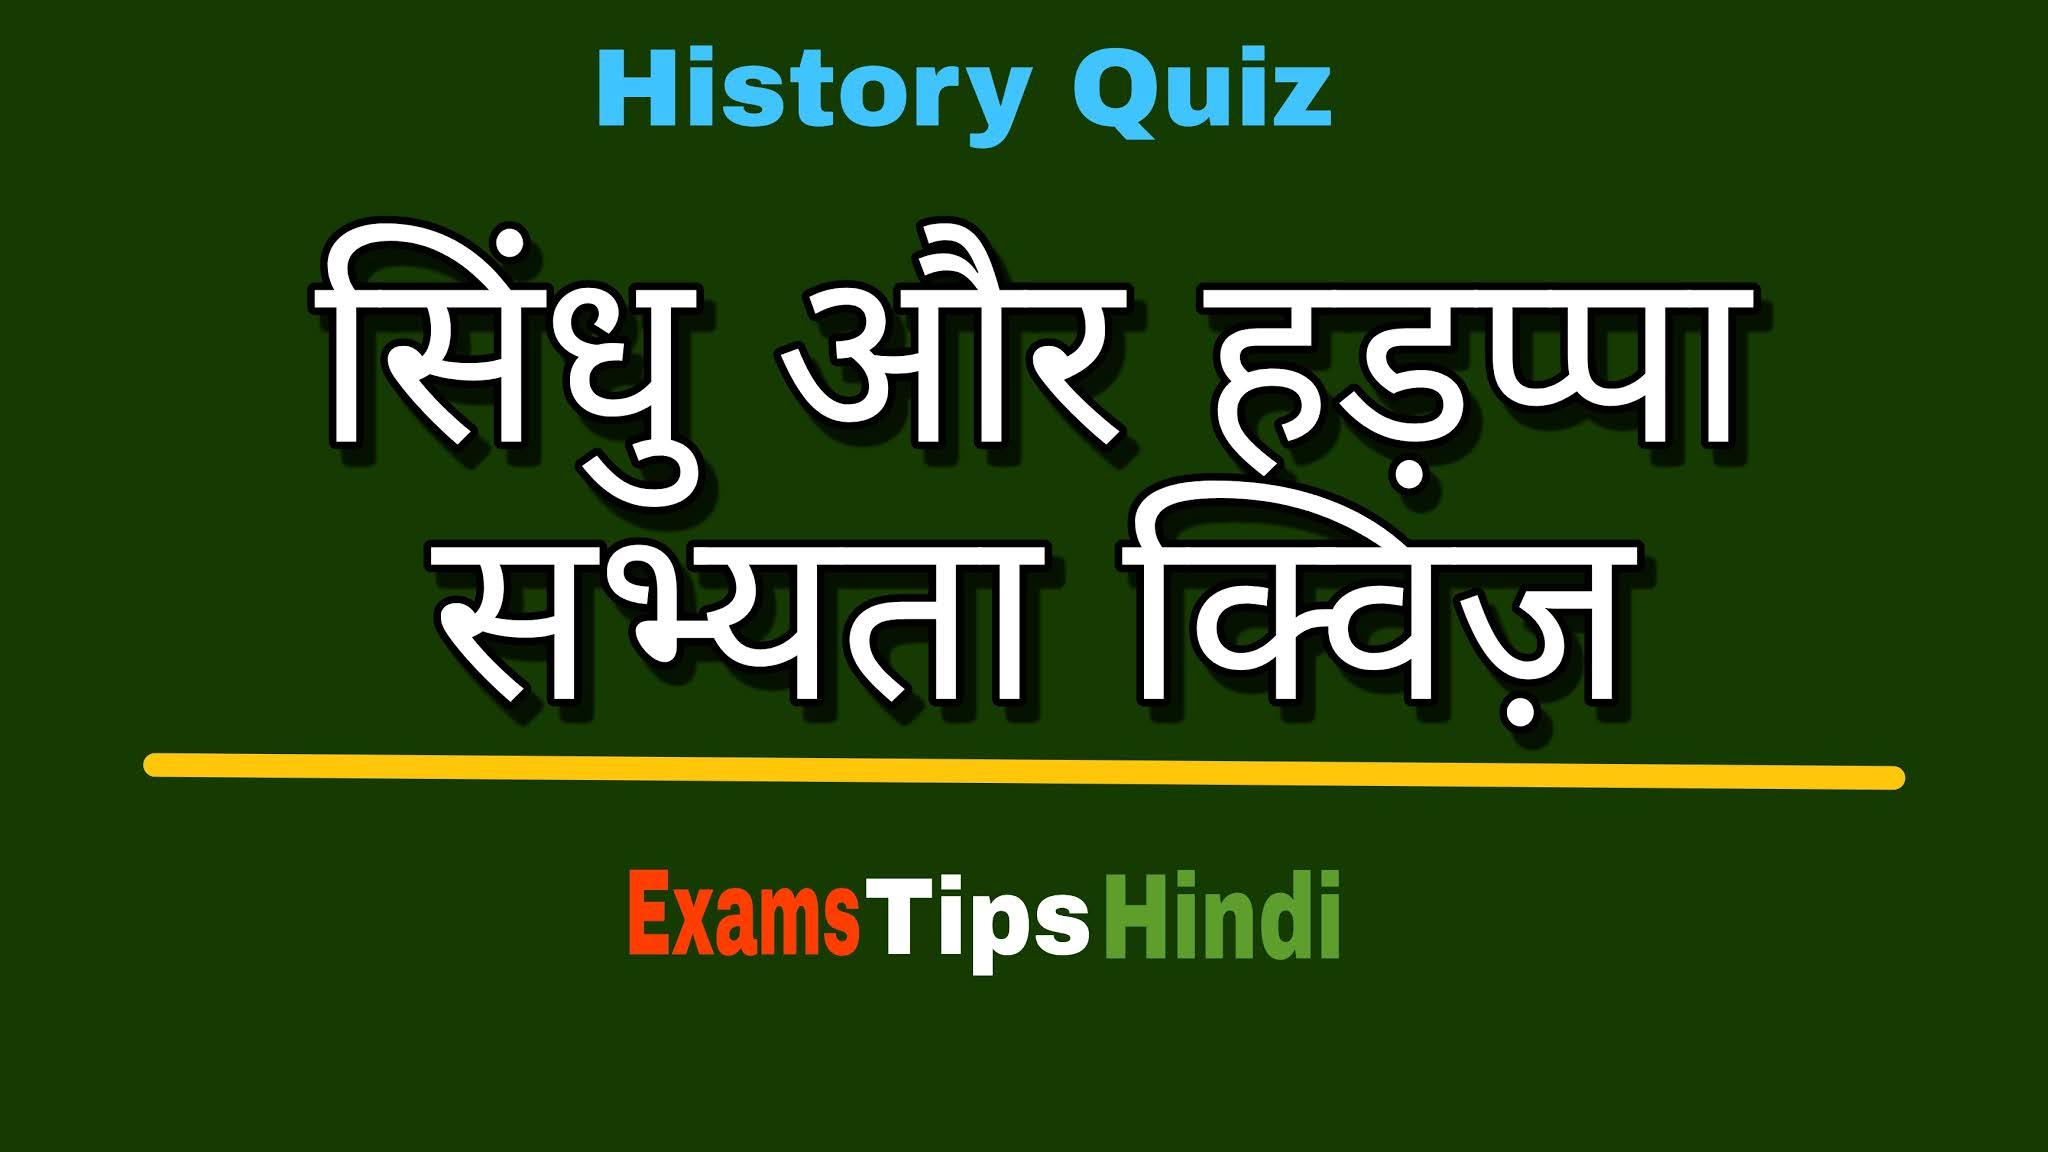 सिंधु और हड़प्पा सभ्यता क्विज़, History GK Quiz, हिस्ट्री क्विज़ इन हिंदी, सिंधु सभ्यता क्विज़, हड़प्पा सभ्यता क्विज़, सिंधु सभ्यता प्रश्न-उत्तर